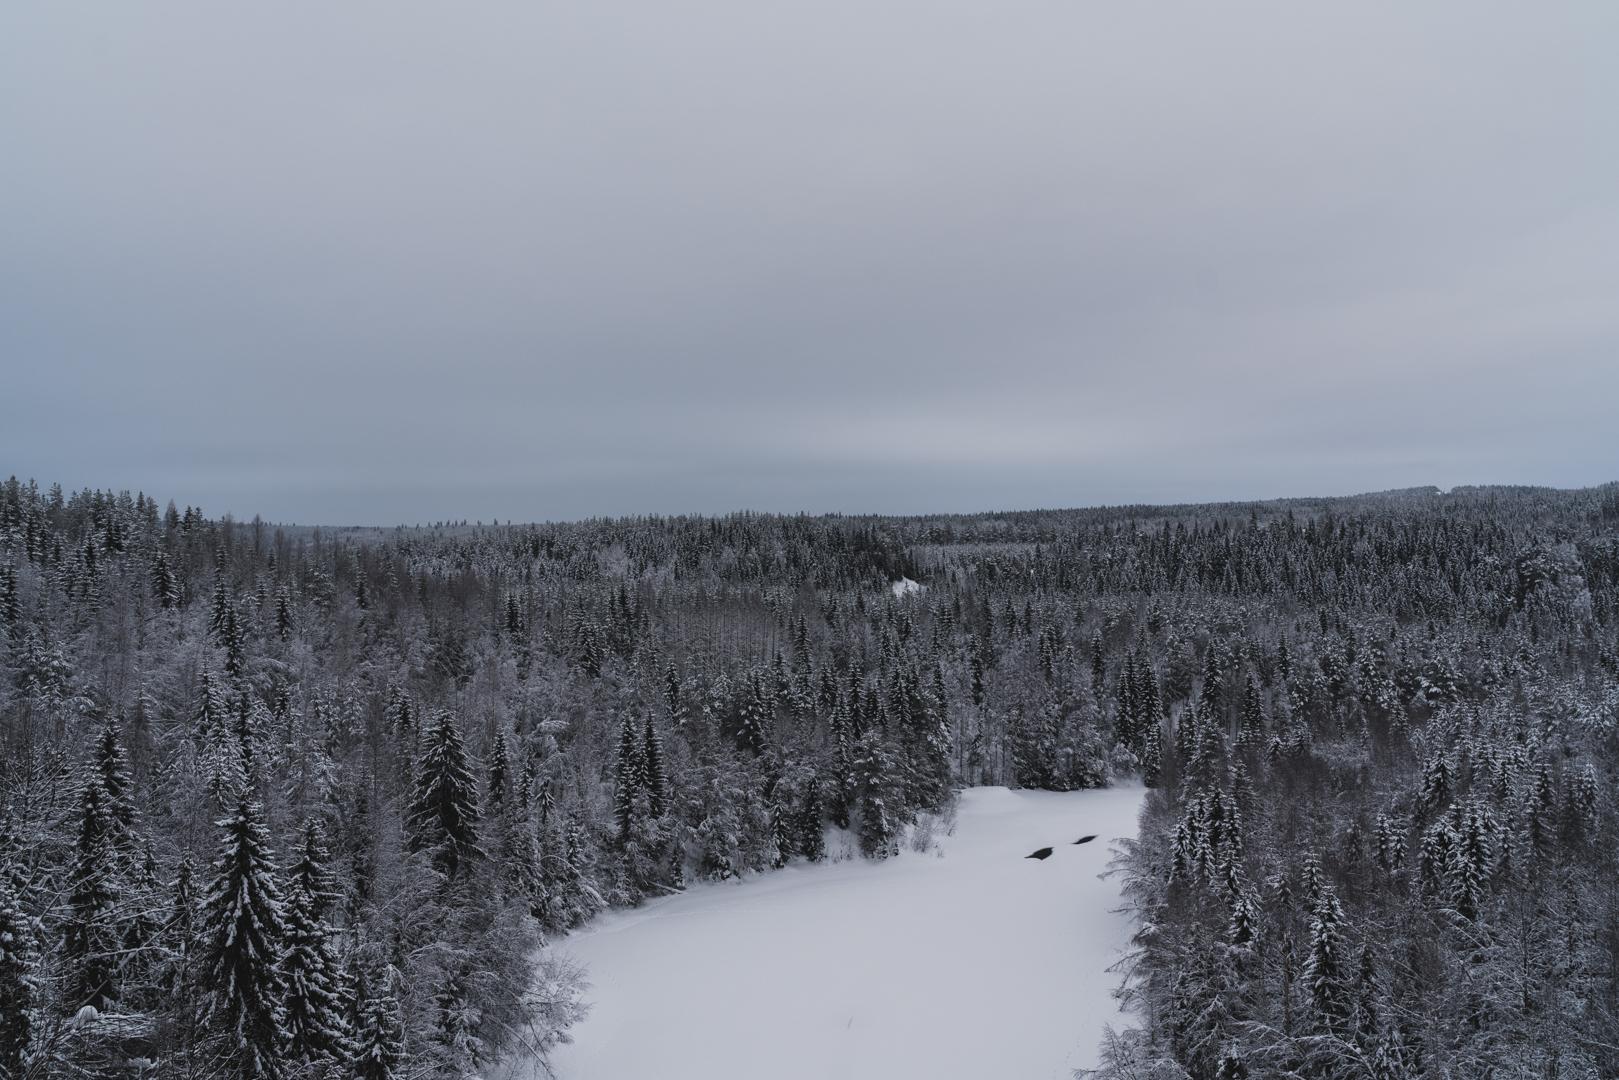 Först försöker vi ta oss upp på den avstängda bron, den som är täckt av snö och vars väg skogen har försummat. Vi får snö i skorna, tassar på skoterspår, får snö upp till vaderna. Sen ser vi oss besegrade av vintern och tar oss upp på vägbron istället. Det kommer knappt några bilar så vi kan gå fritt, titta ner, få overklighetskänslor och kasta snö ner mot den frusna älven. Säga  vi får försöka komma tillbaka hit om vi är kvar i Umeå under sommaren , tänka att  det kommer nog troligtvis inte hända  och det känns både bra och dåligt. Så som det känns alltid nu, en skräckblandad längtan till månaderna som väntar.